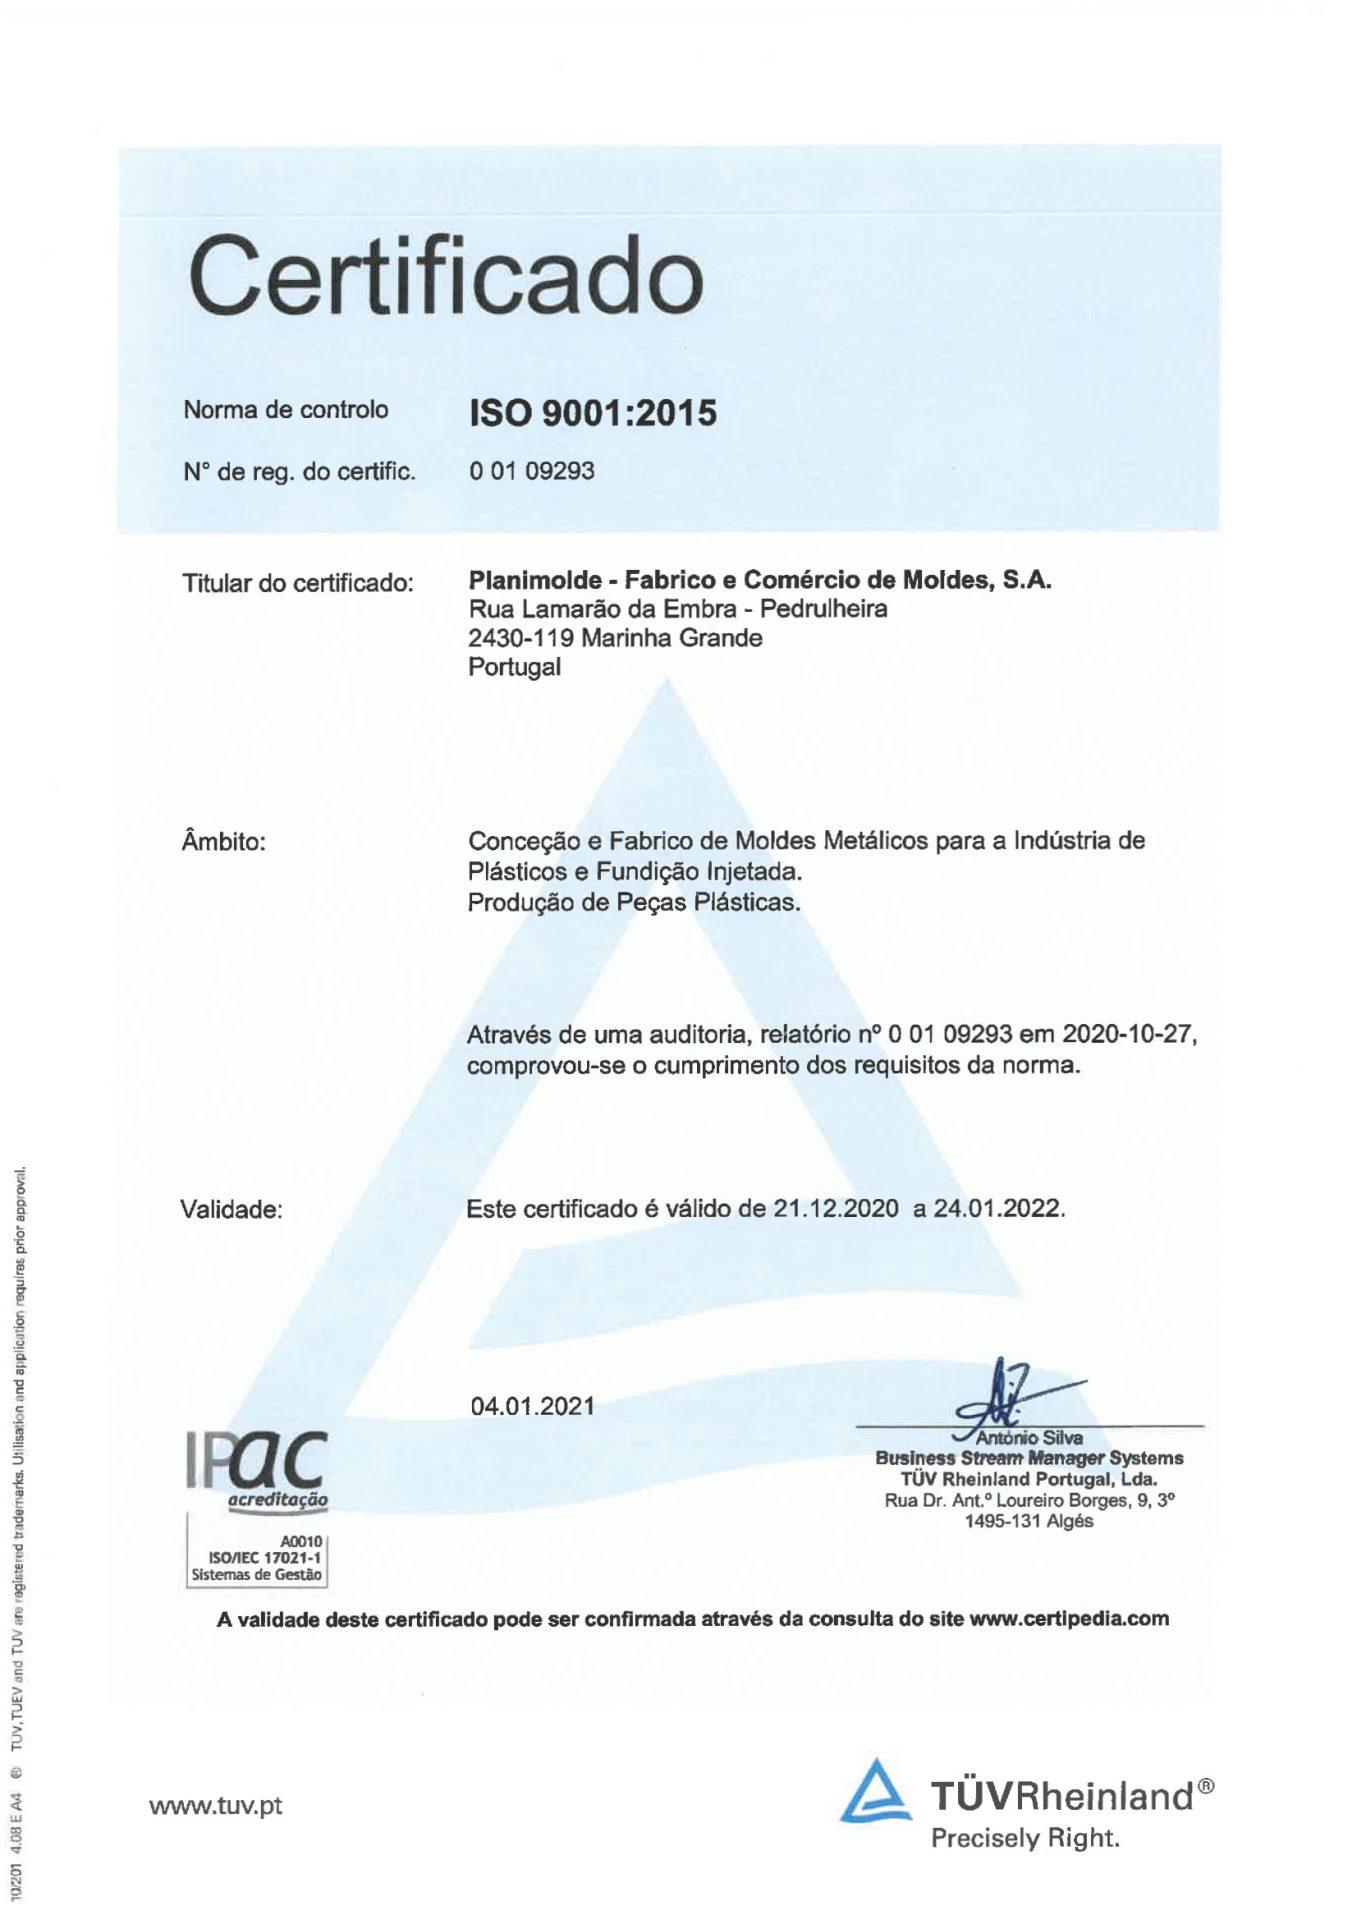 CertificadoISO9001 PT